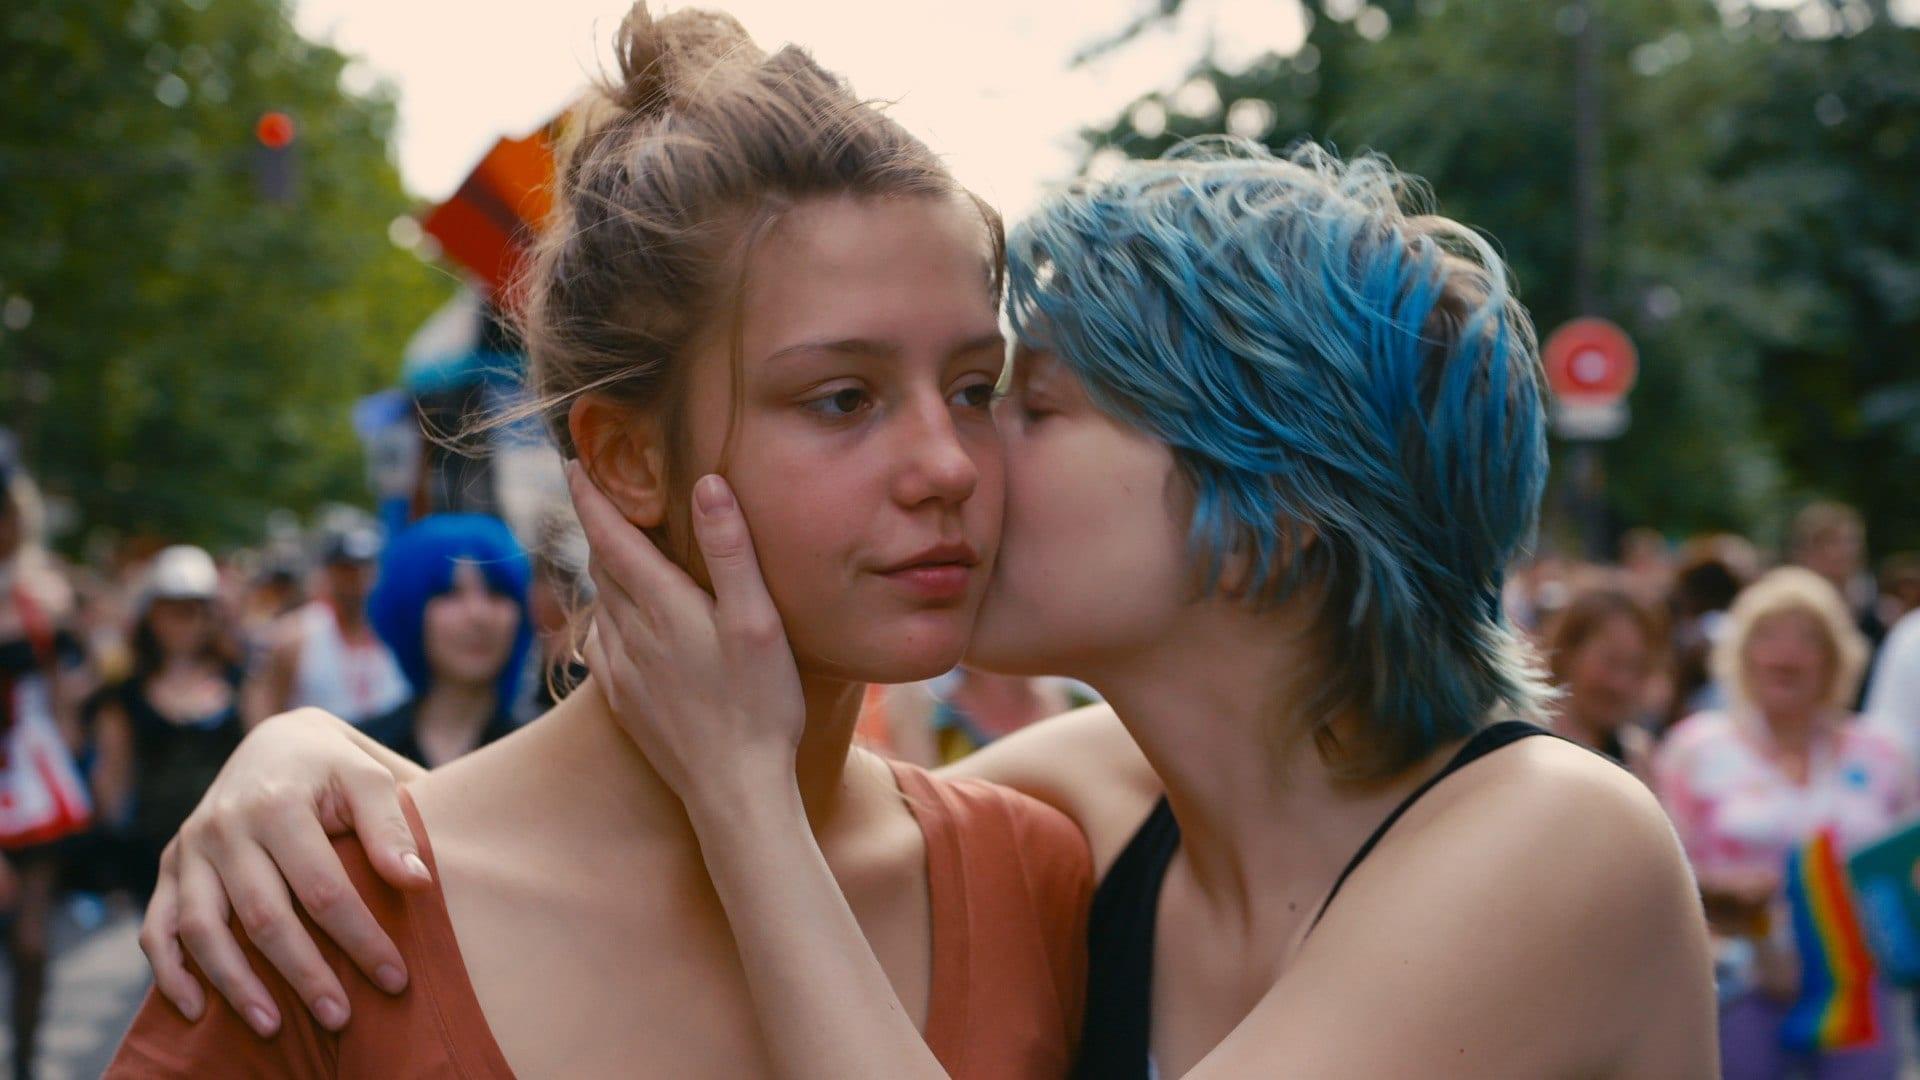 Regarder La Vie d'Adèle – Chapitres 1 et 2 en streaming gratuit